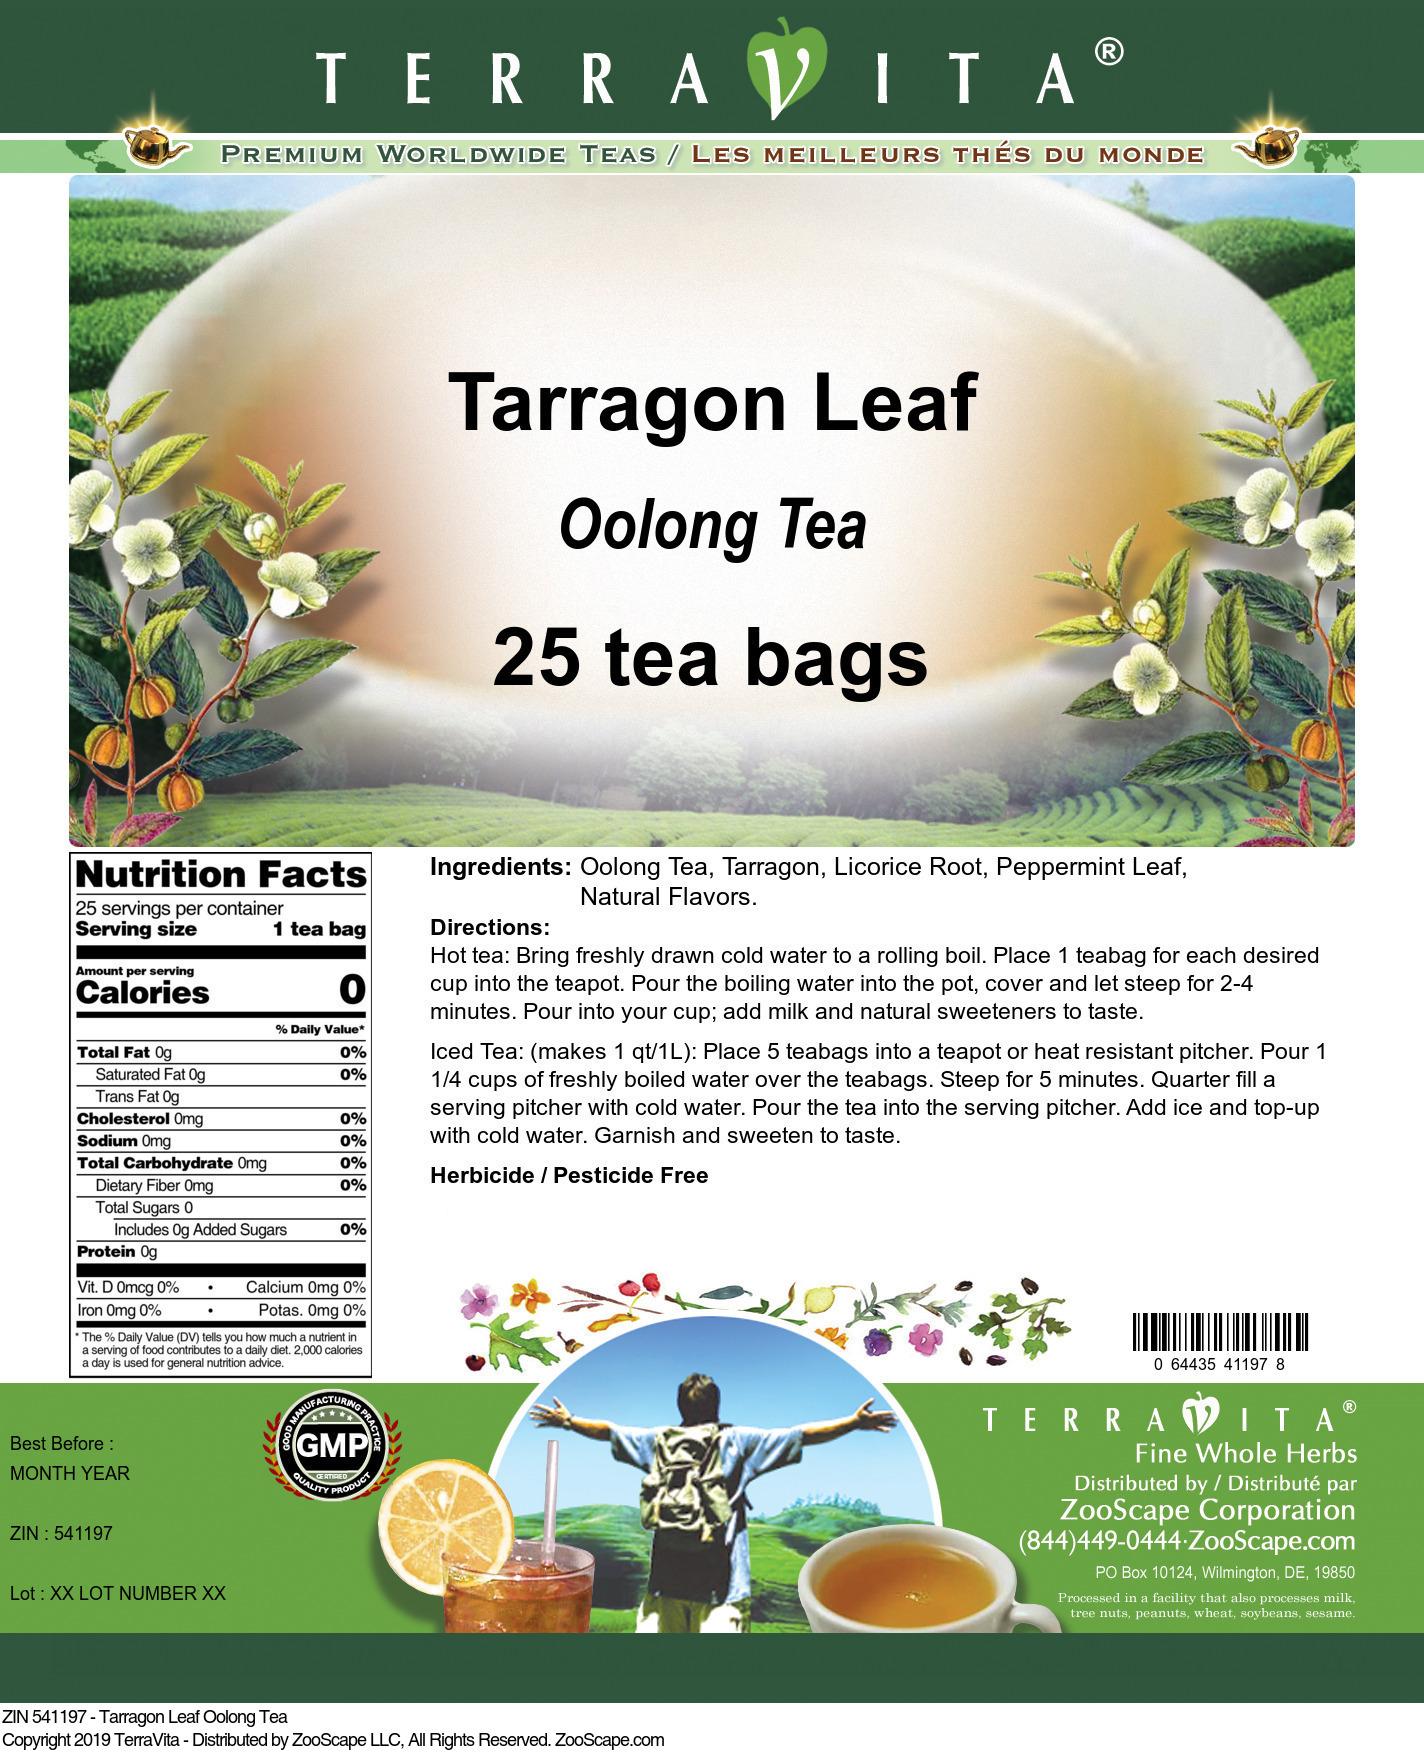 Tarragon Leaf Oolong Tea